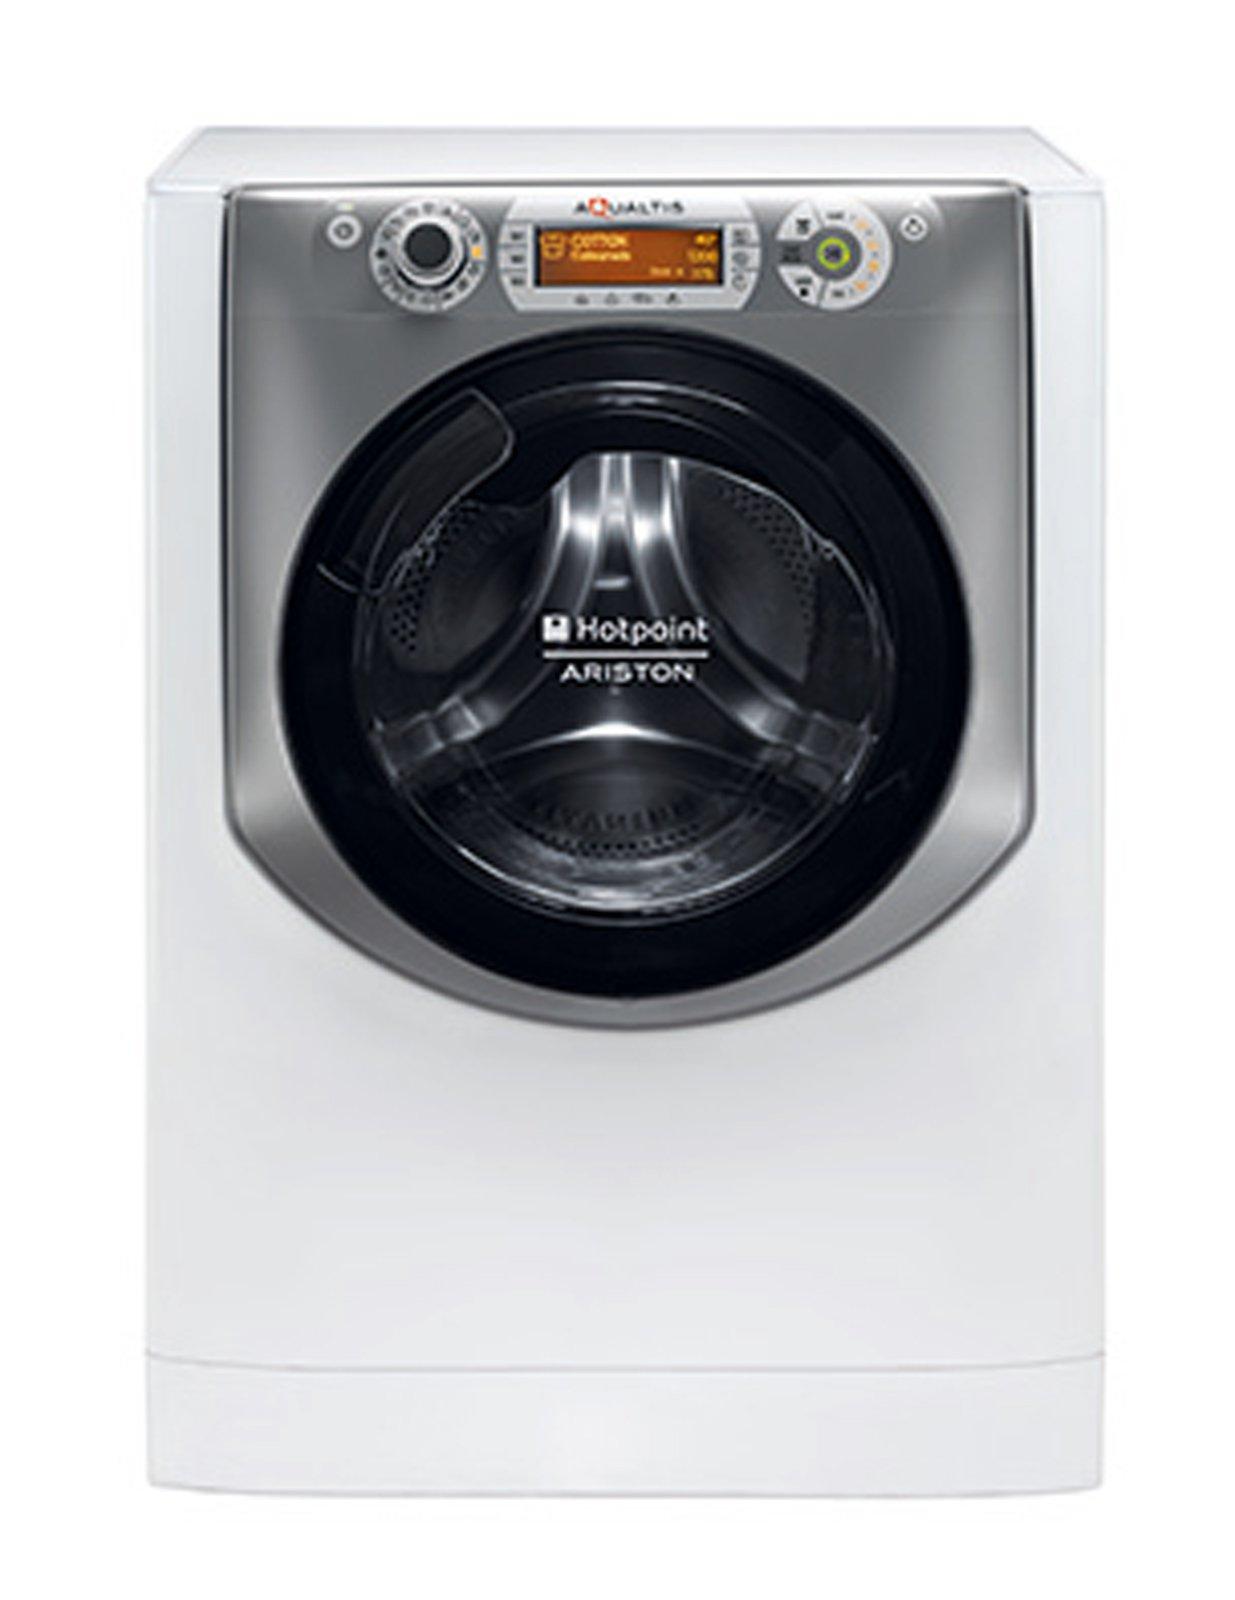 Lavatrici piccole per spazi mini cose di casa for Lavatrici 7 kg miglior prezzo